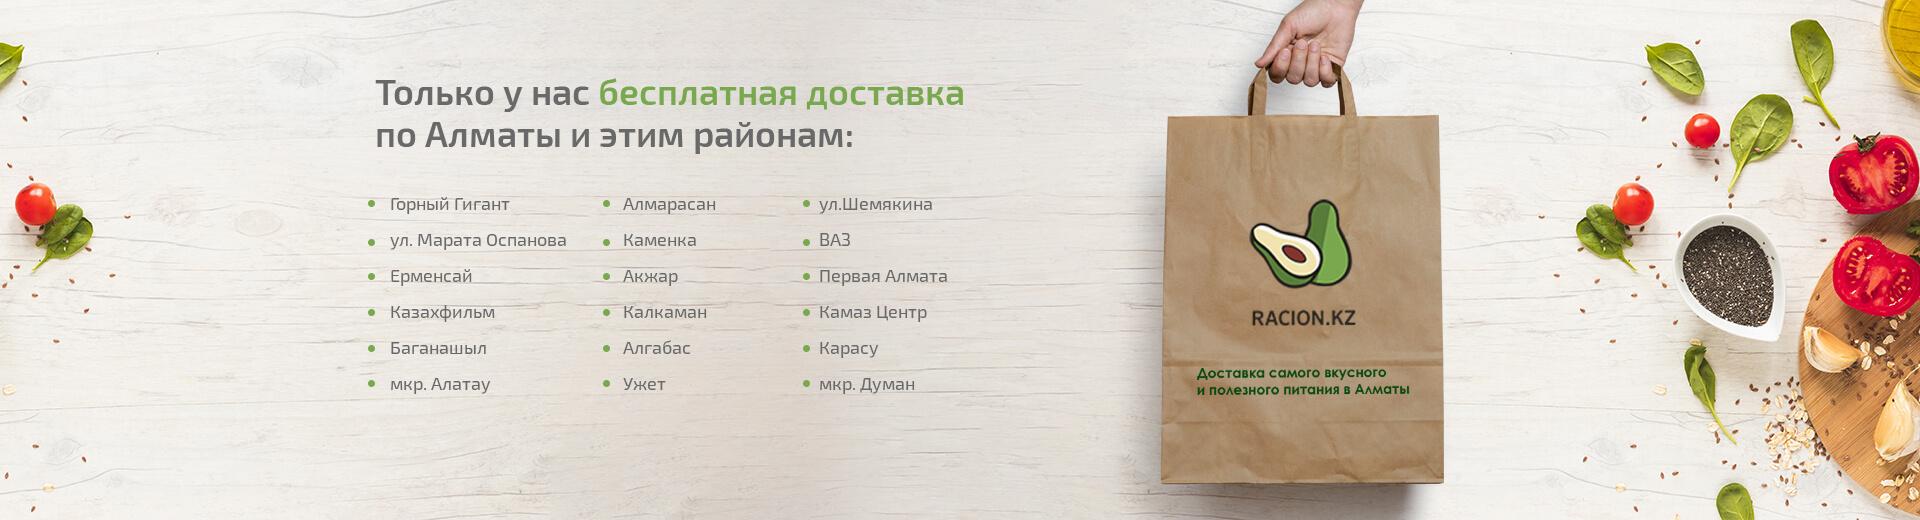 Диета Кз Текст